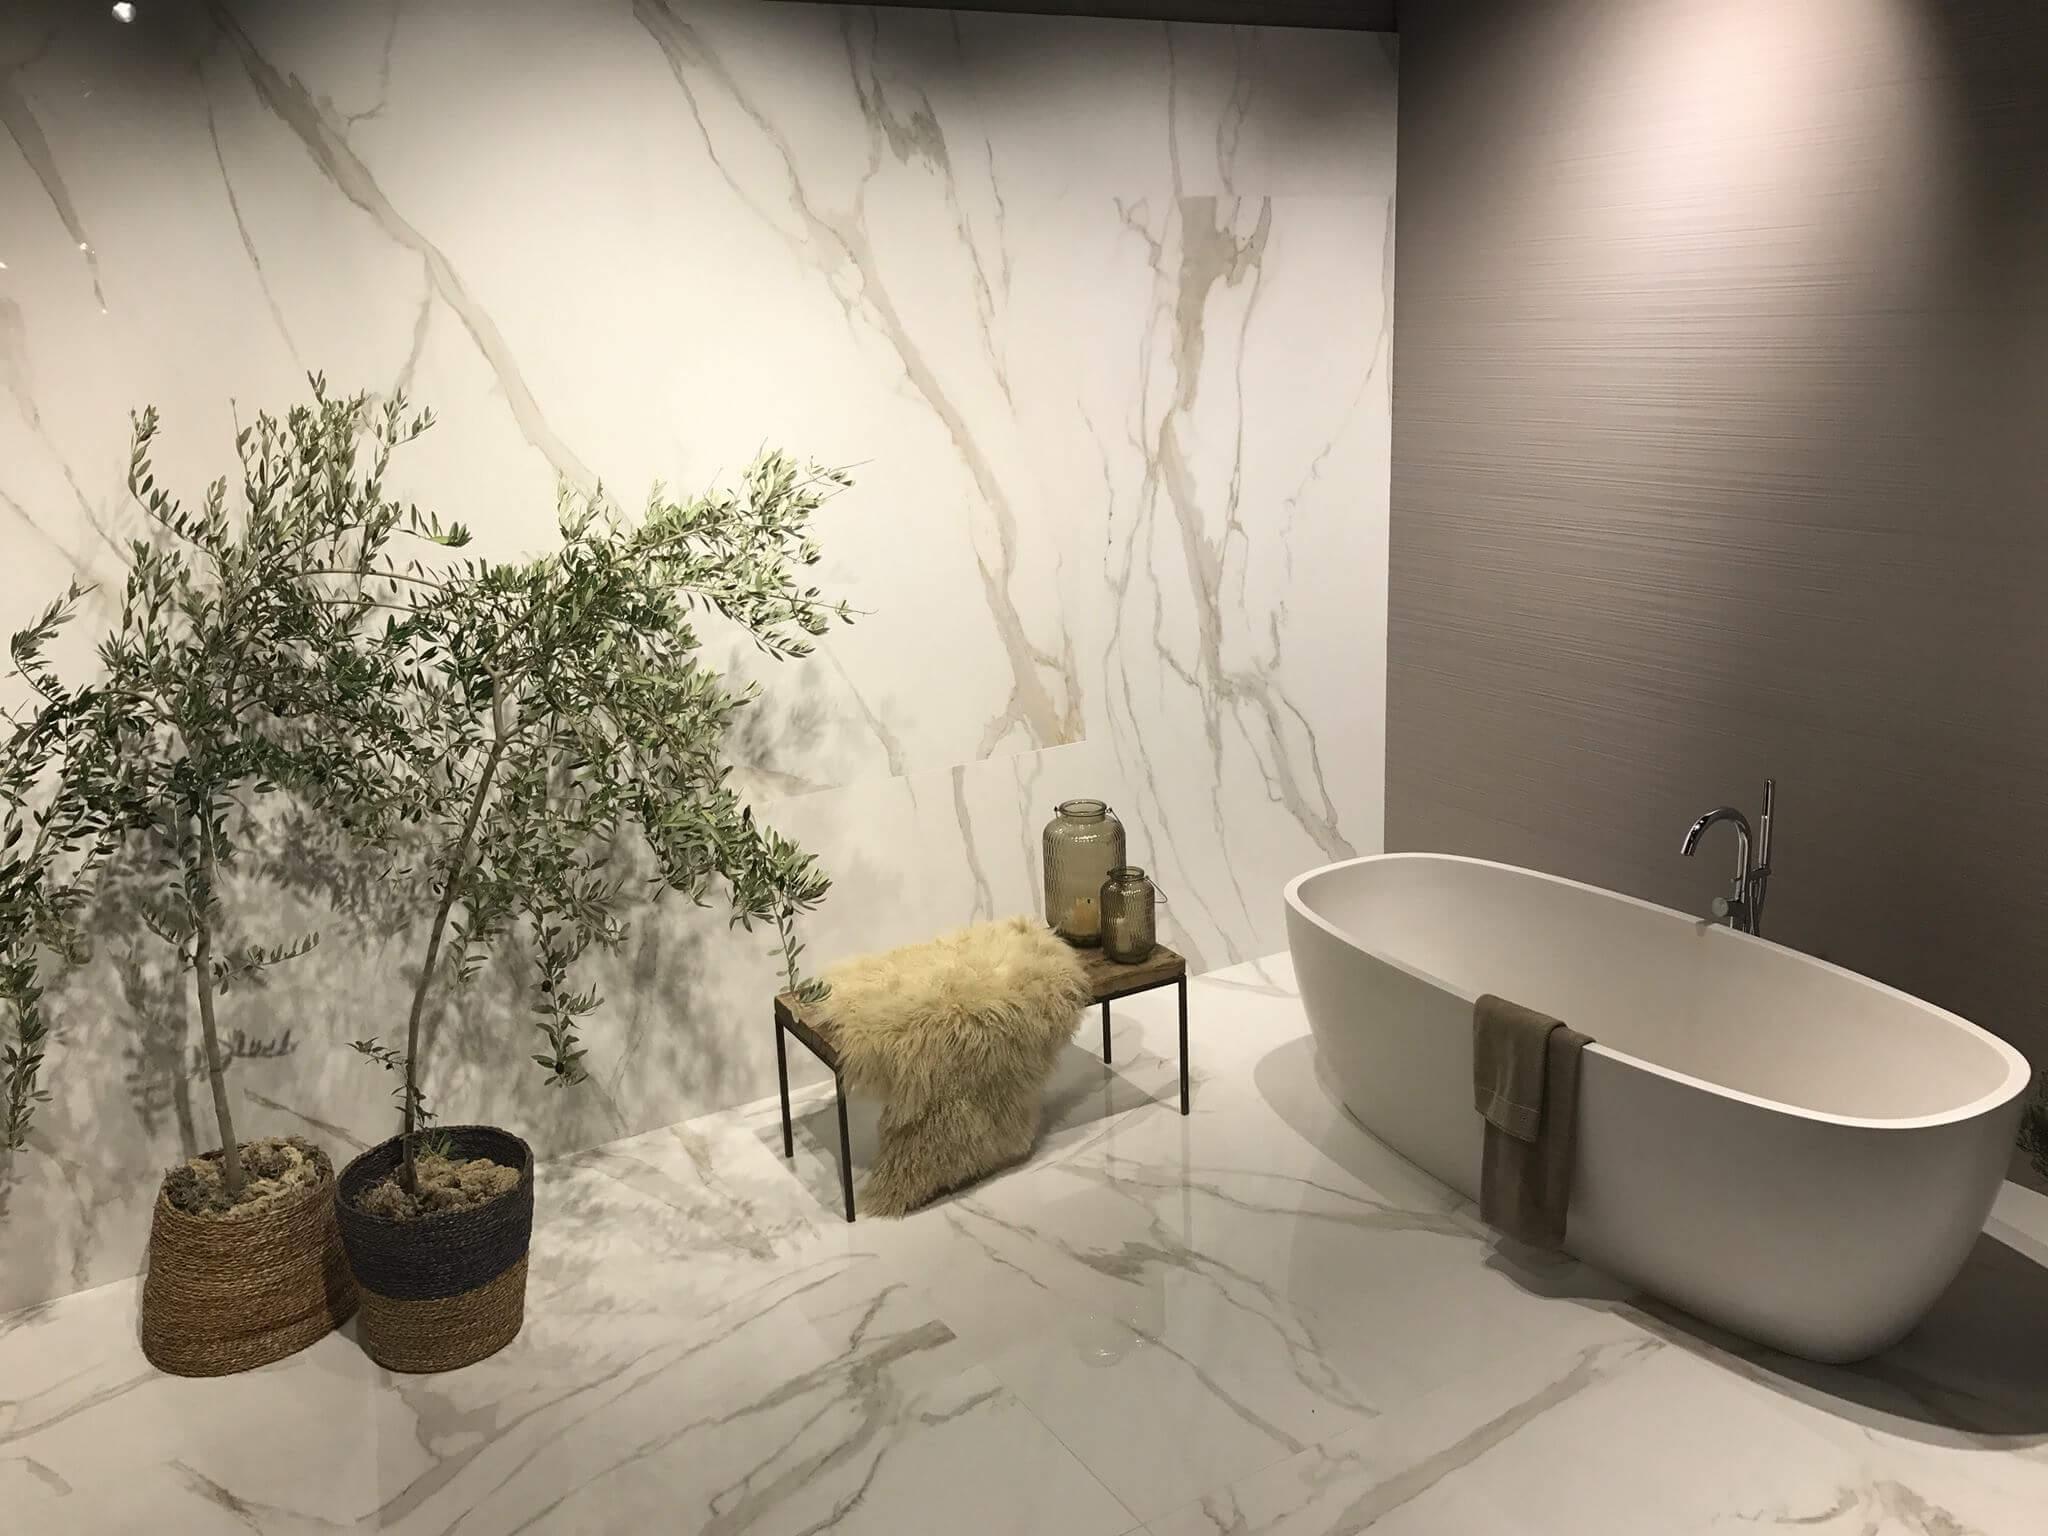 Bianco Carrara der weiße Marmor - direkt vom Keramikhandel jetzt zu kaufen